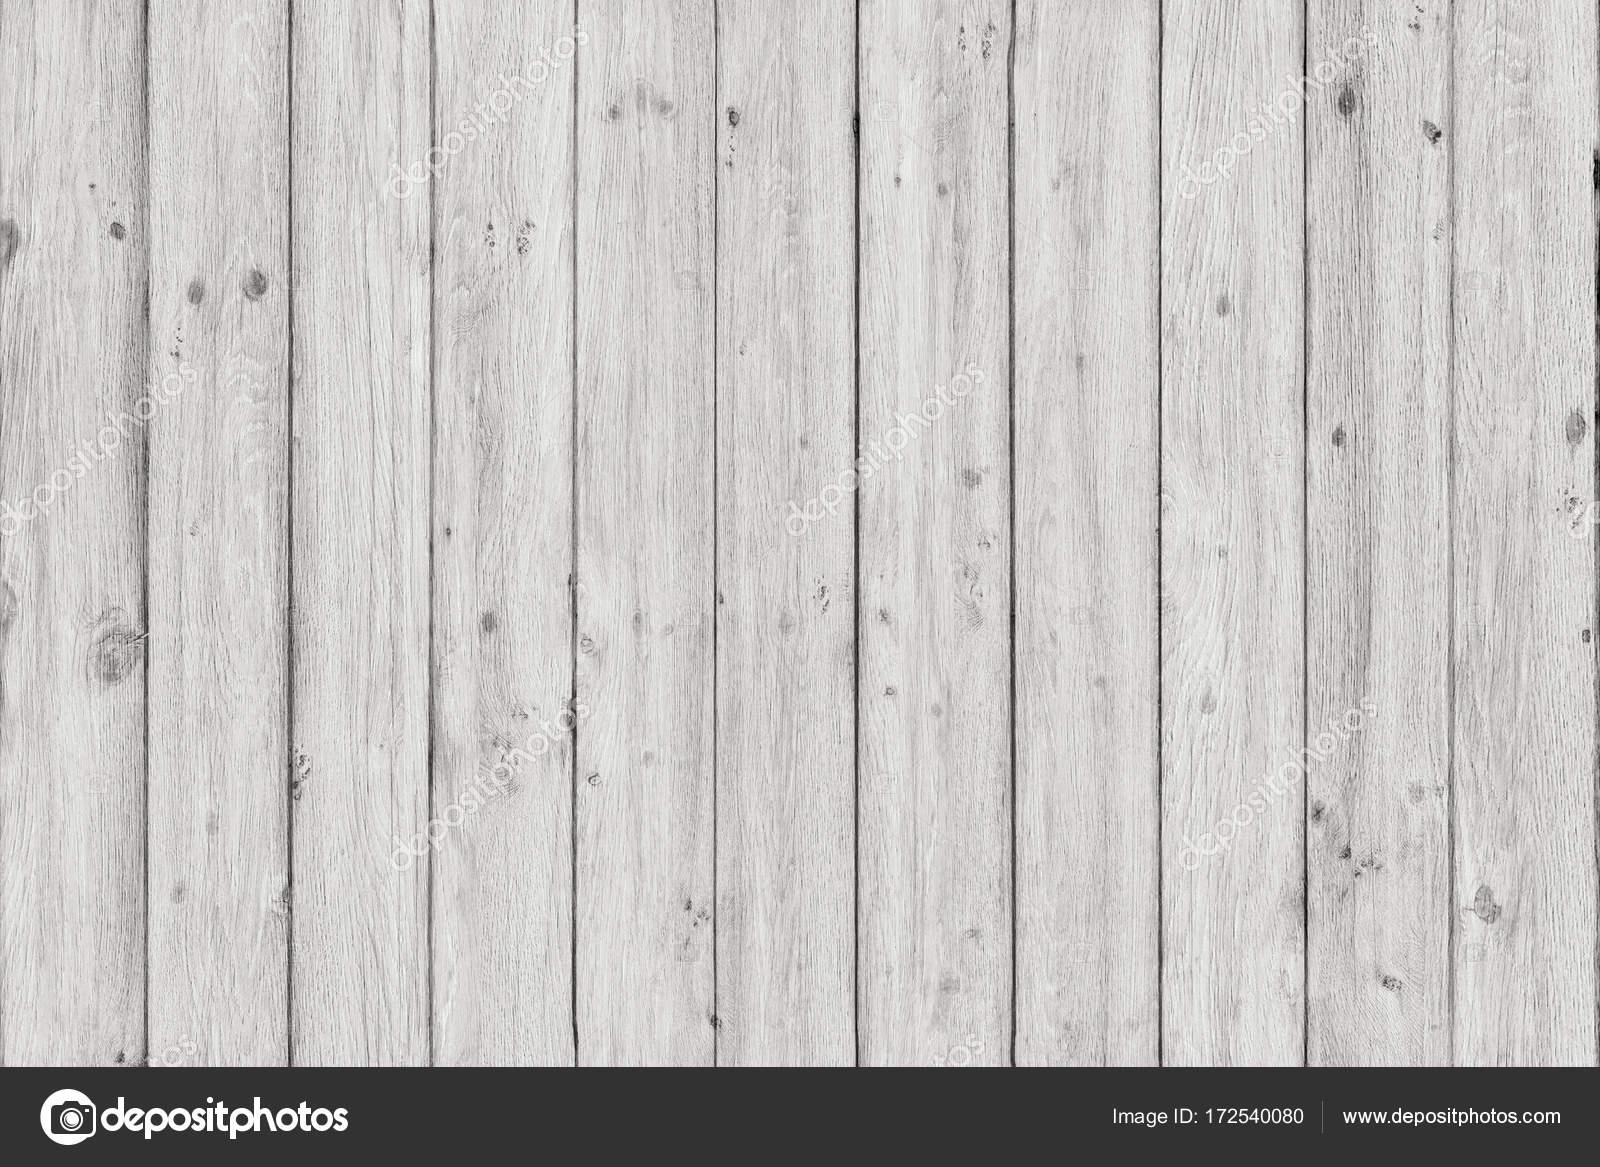 Fußboden Holz Weiß ~ Fußboden holz weiß vinylanplus fußboden kastanie weiß klick